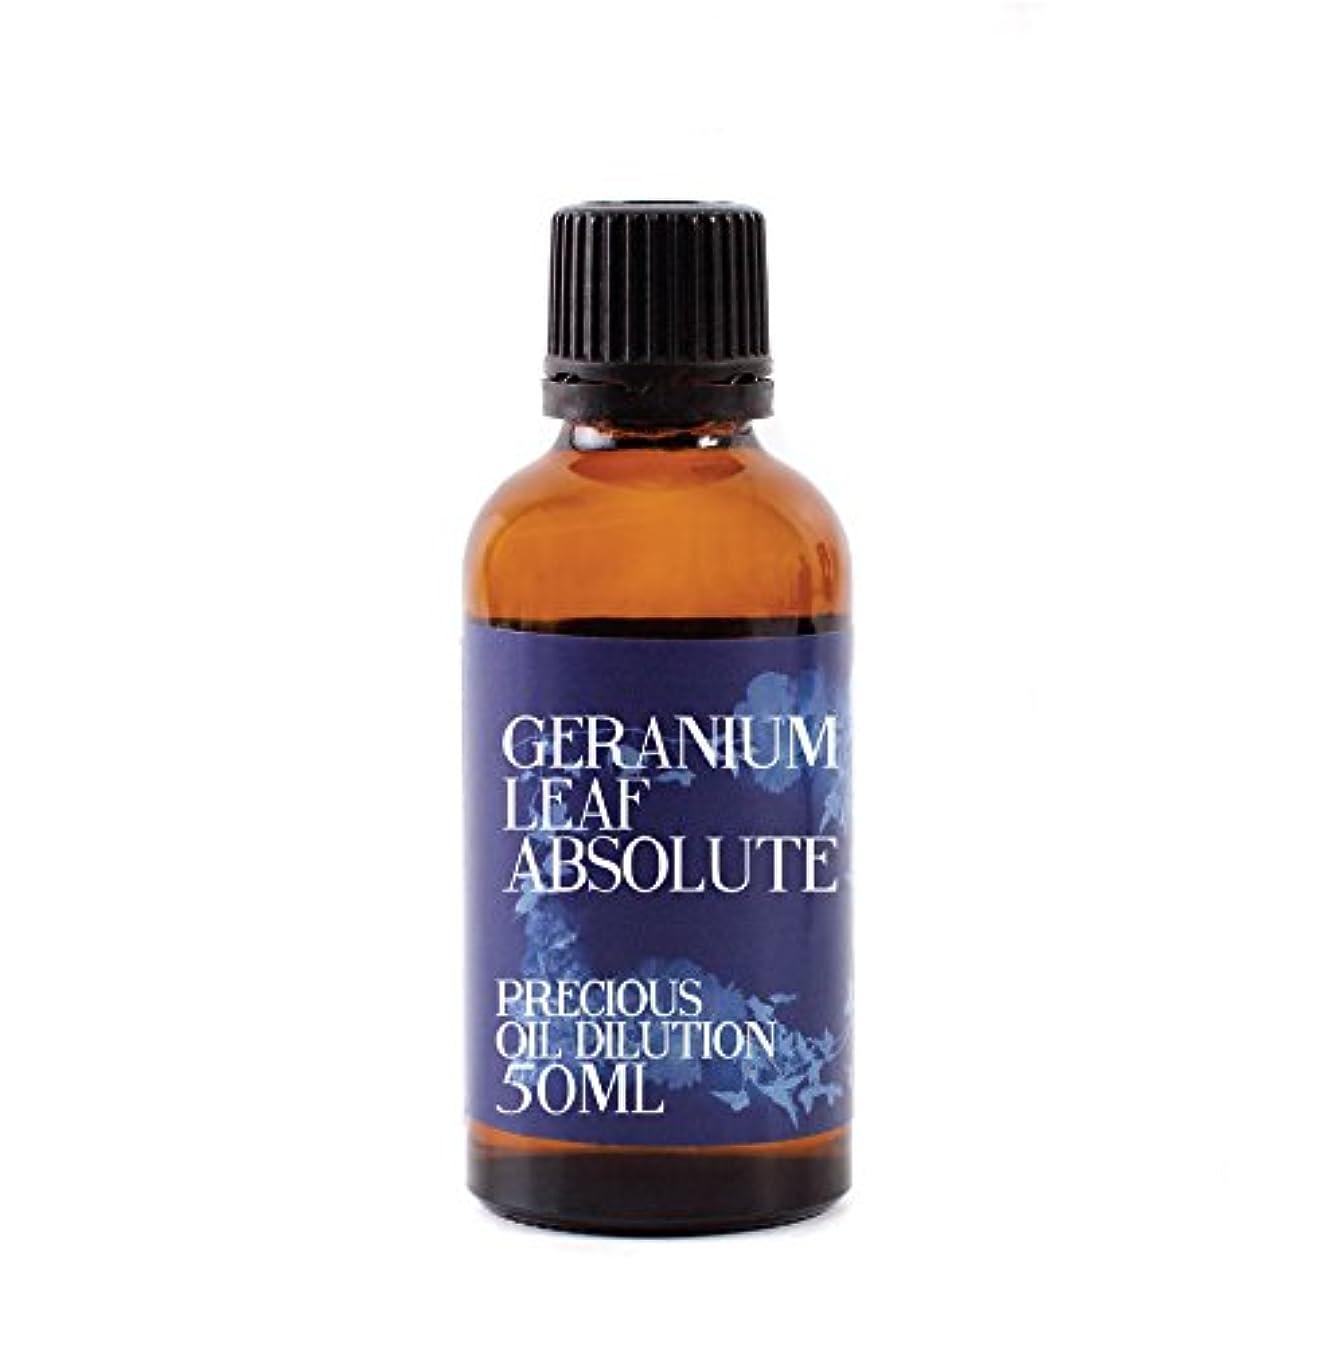 保証するスリーブチャンピオンシップGeranium Leaf Absolute Oil Dilution - 50ml - 3% Jojoba Blend